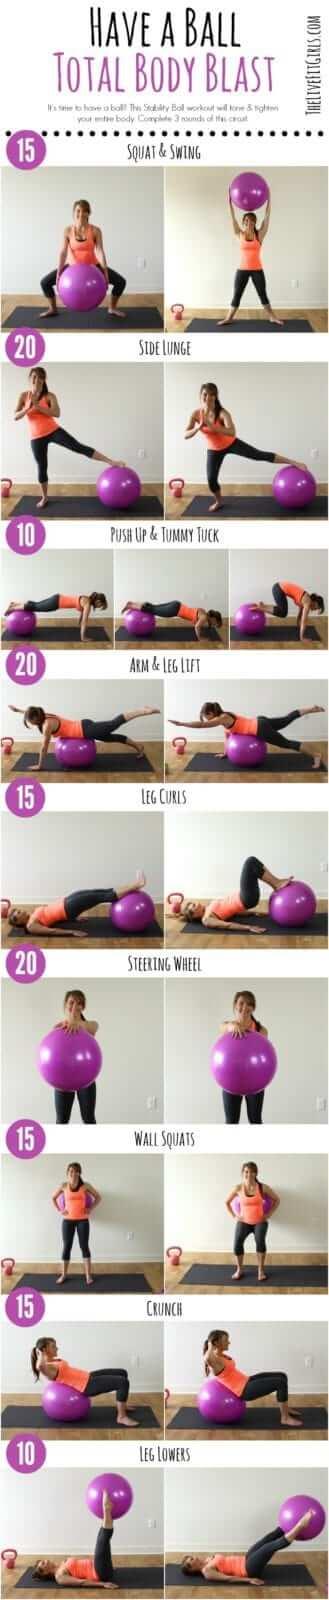 Extrem Pilates Bälle im Vergleich ✓ Einfache Pilates Übungen mit dem Ball IV45